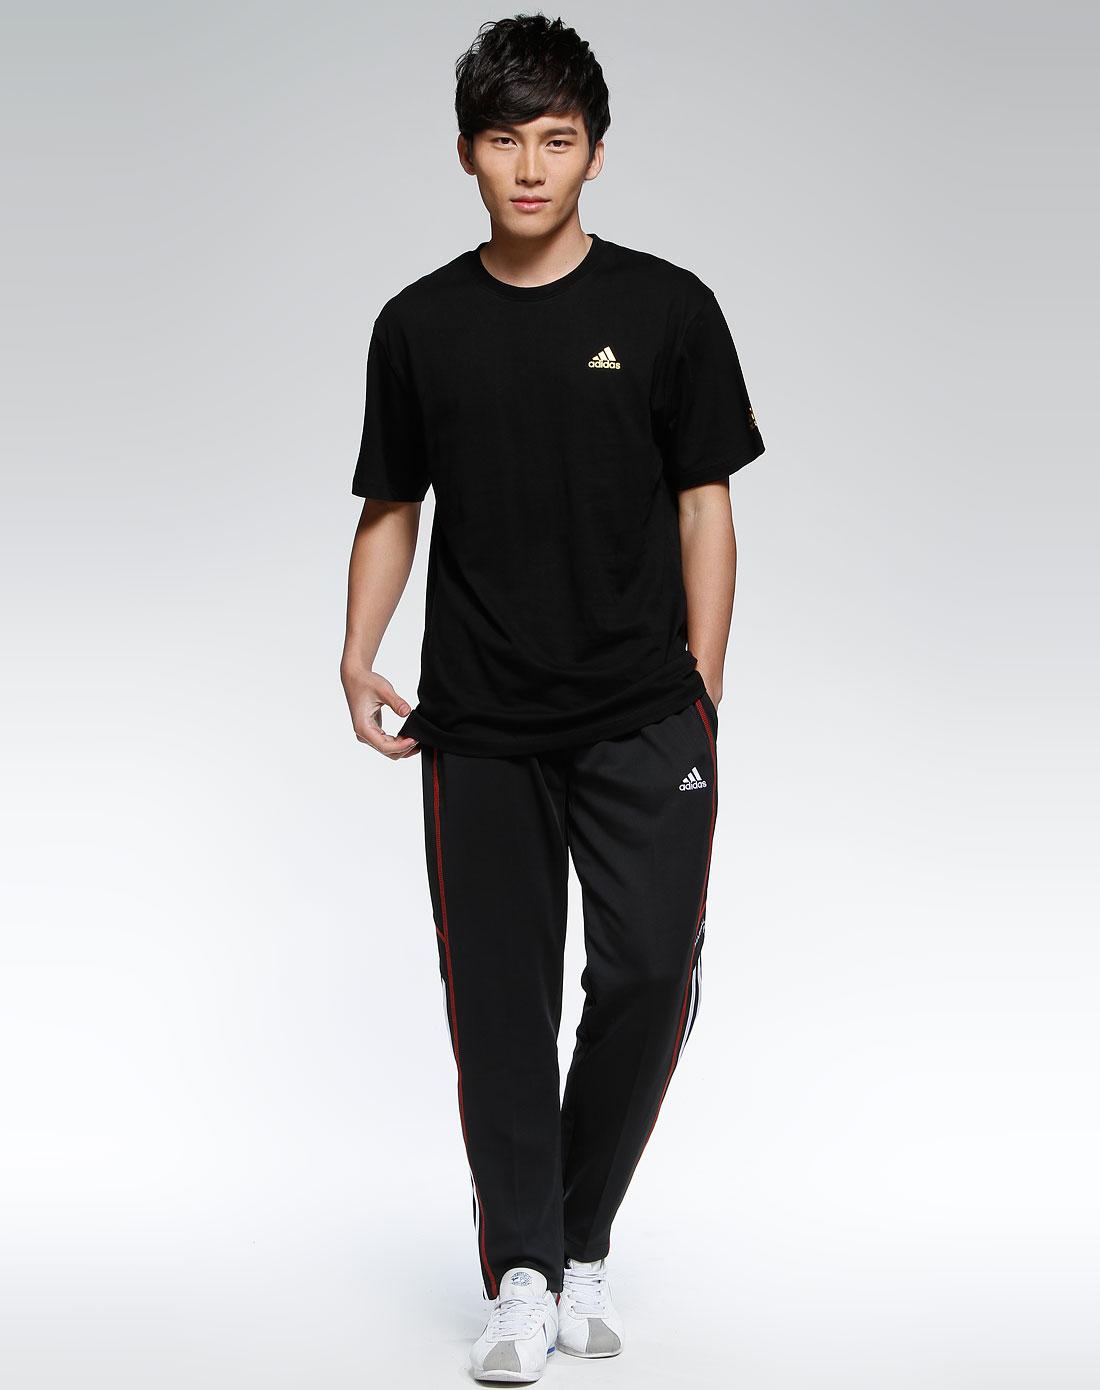 阿迪达斯adidas男装专场-男款黑色短袖运动上衣